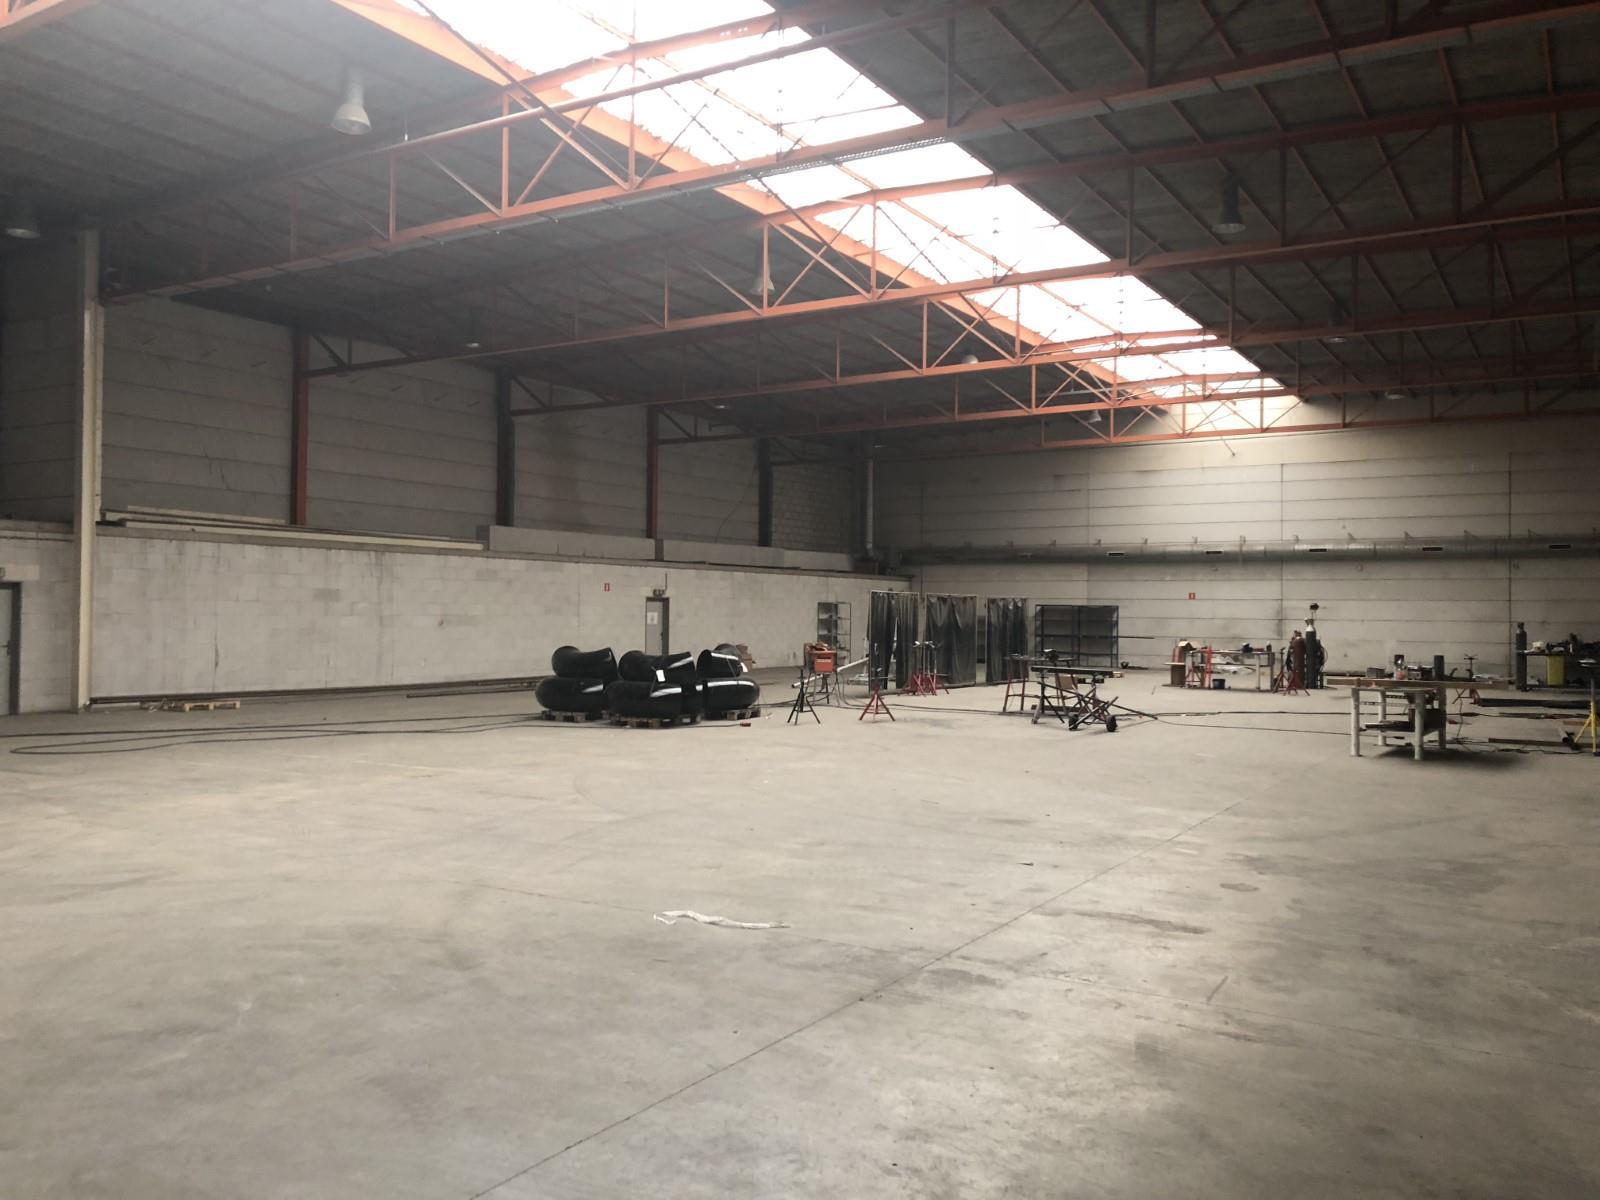 kantoren & magazijn te koop OUDEBAAN 71 WILRIJK - Oudebaan 71, 2610 Antwerpen Wilrijk, België 2